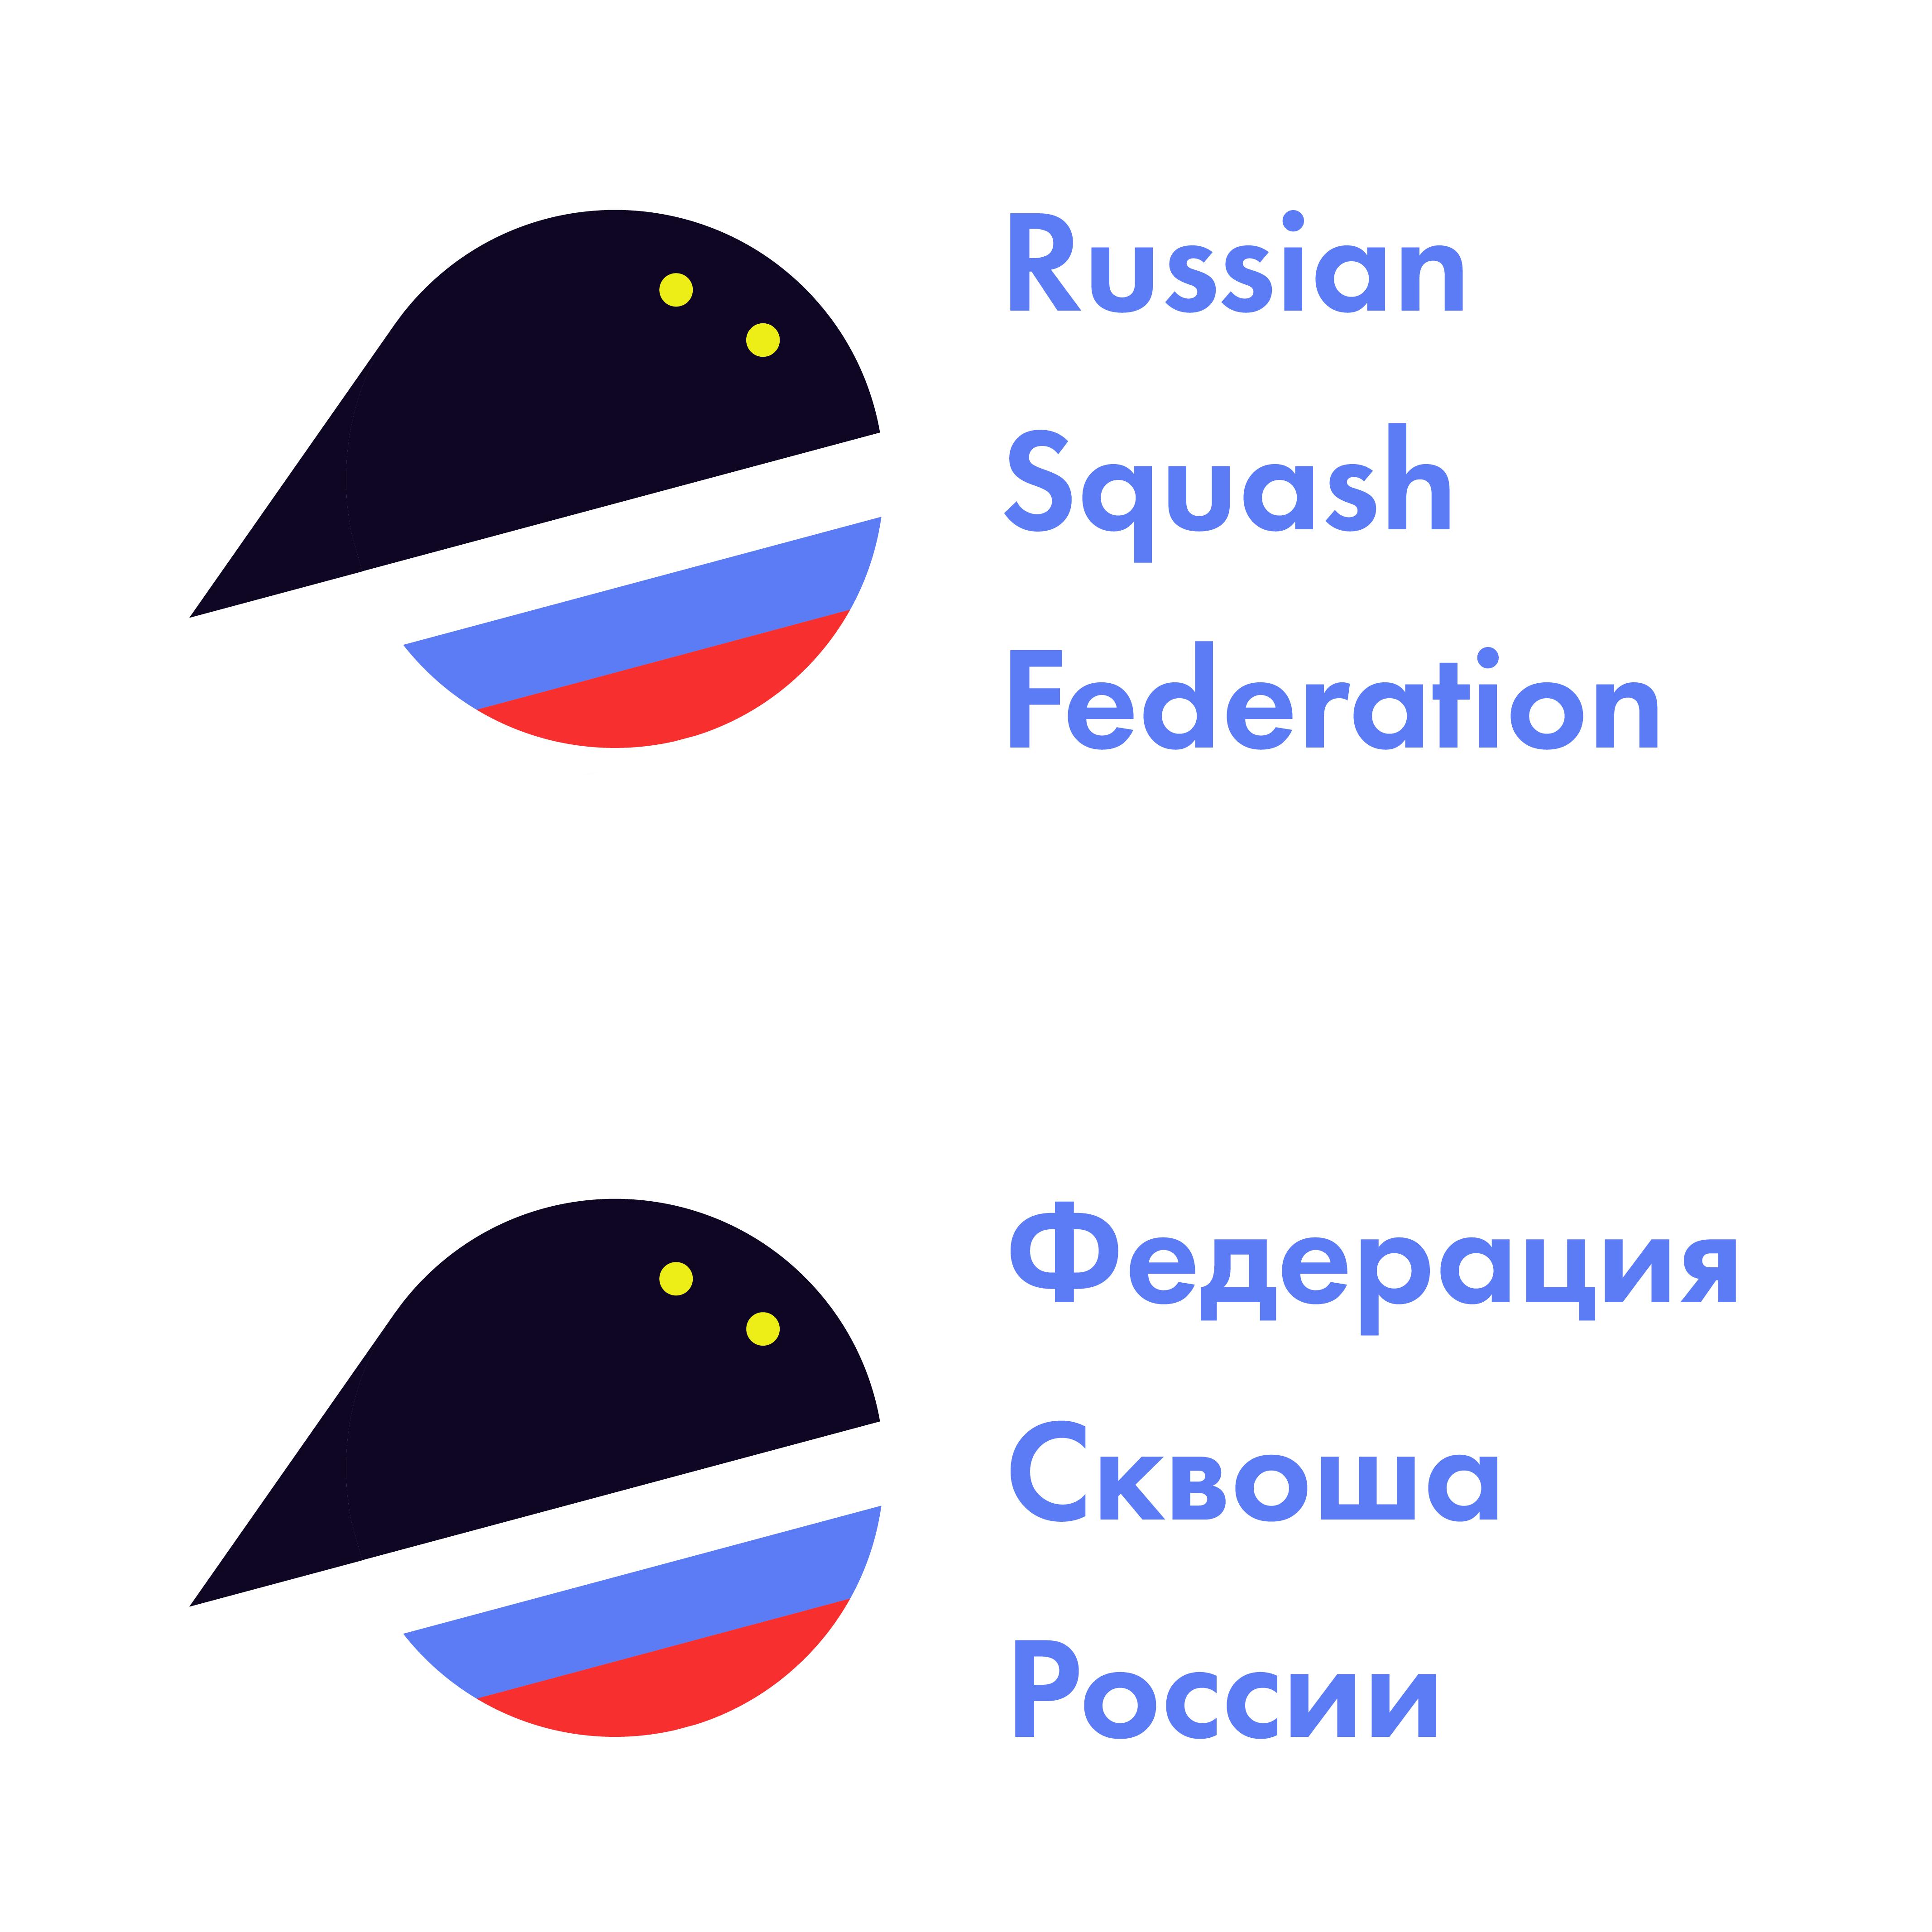 Разработать логотип для Федерации сквоша России фото f_0805f37d1c531d75.png